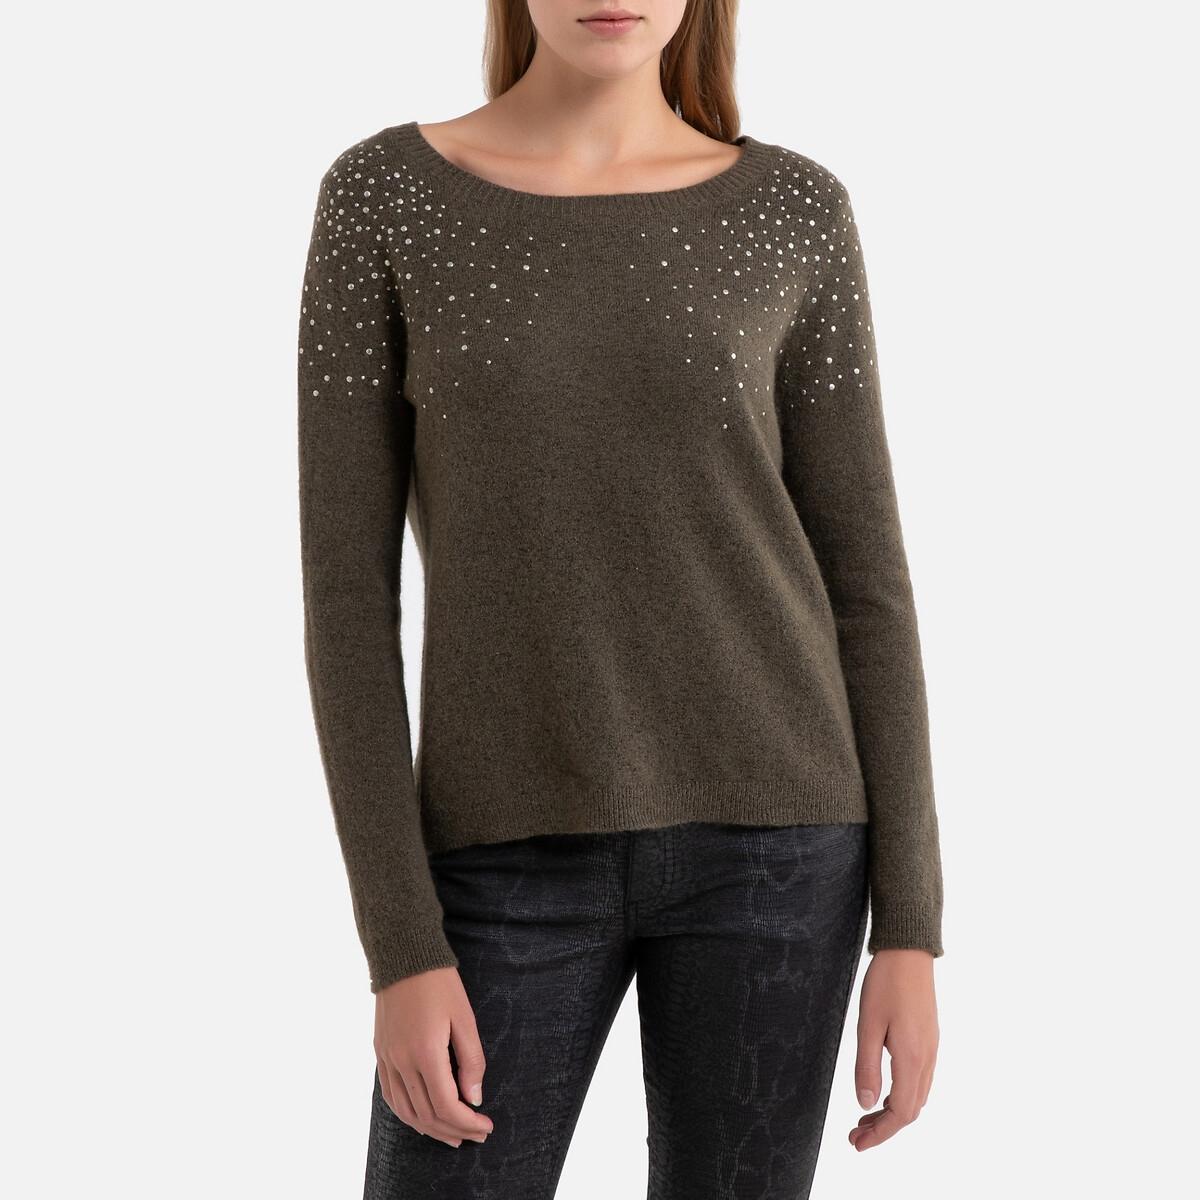 Пуловер La Redoute С круглым вырезом из тонкого трикотажа с бисером L зеленый пуловер la redoute из тонкого трикотажа со шнуровкой l бежевый